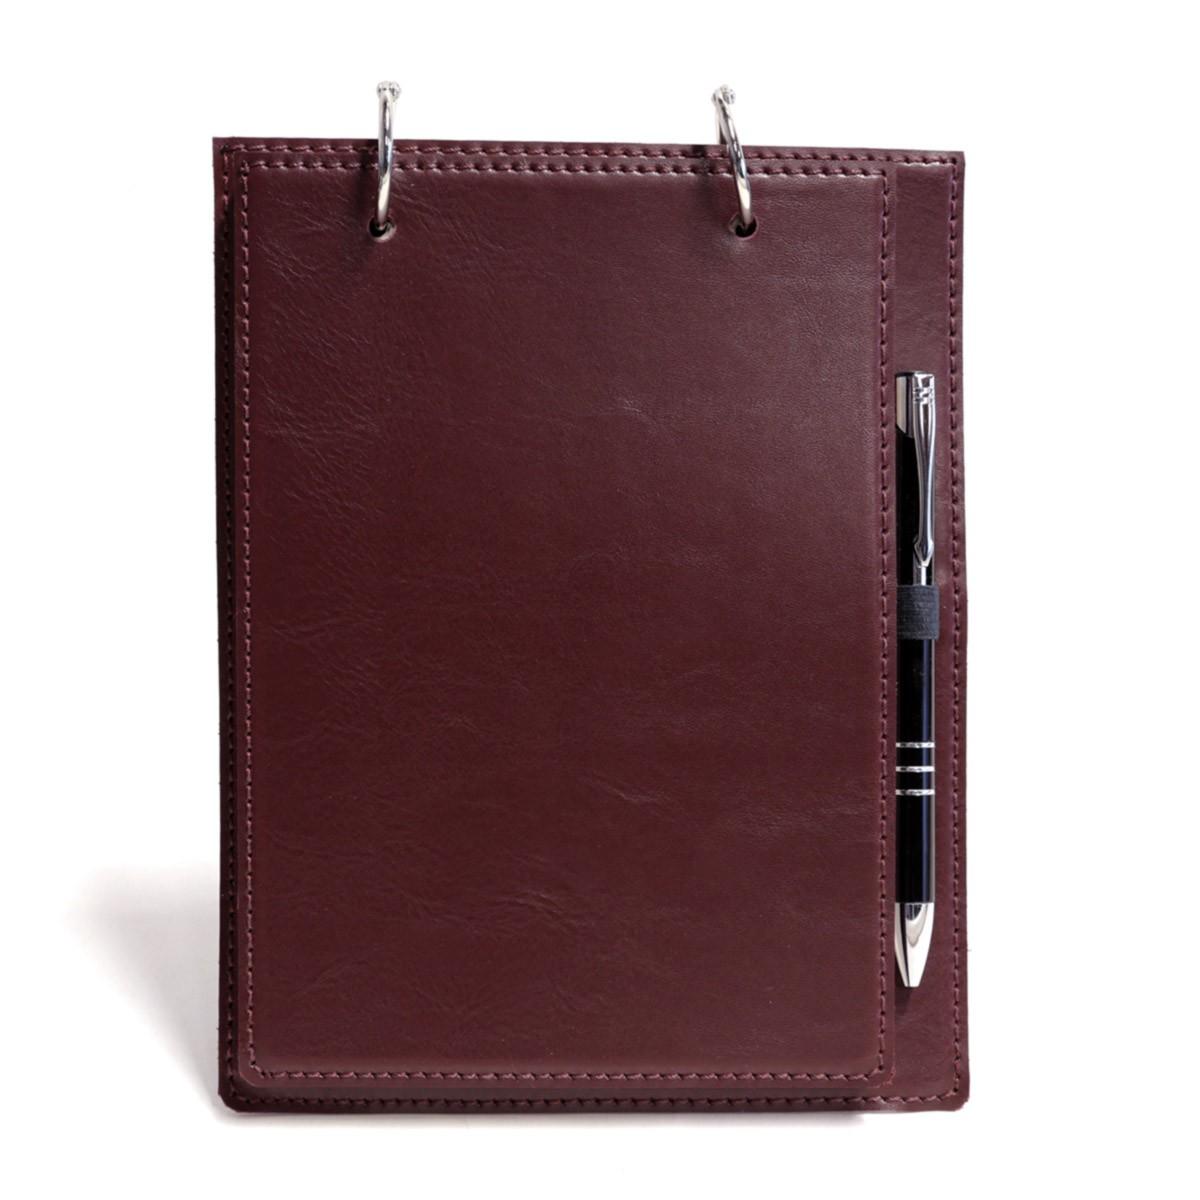 Bloco argola com caneta (Montana Bordô)